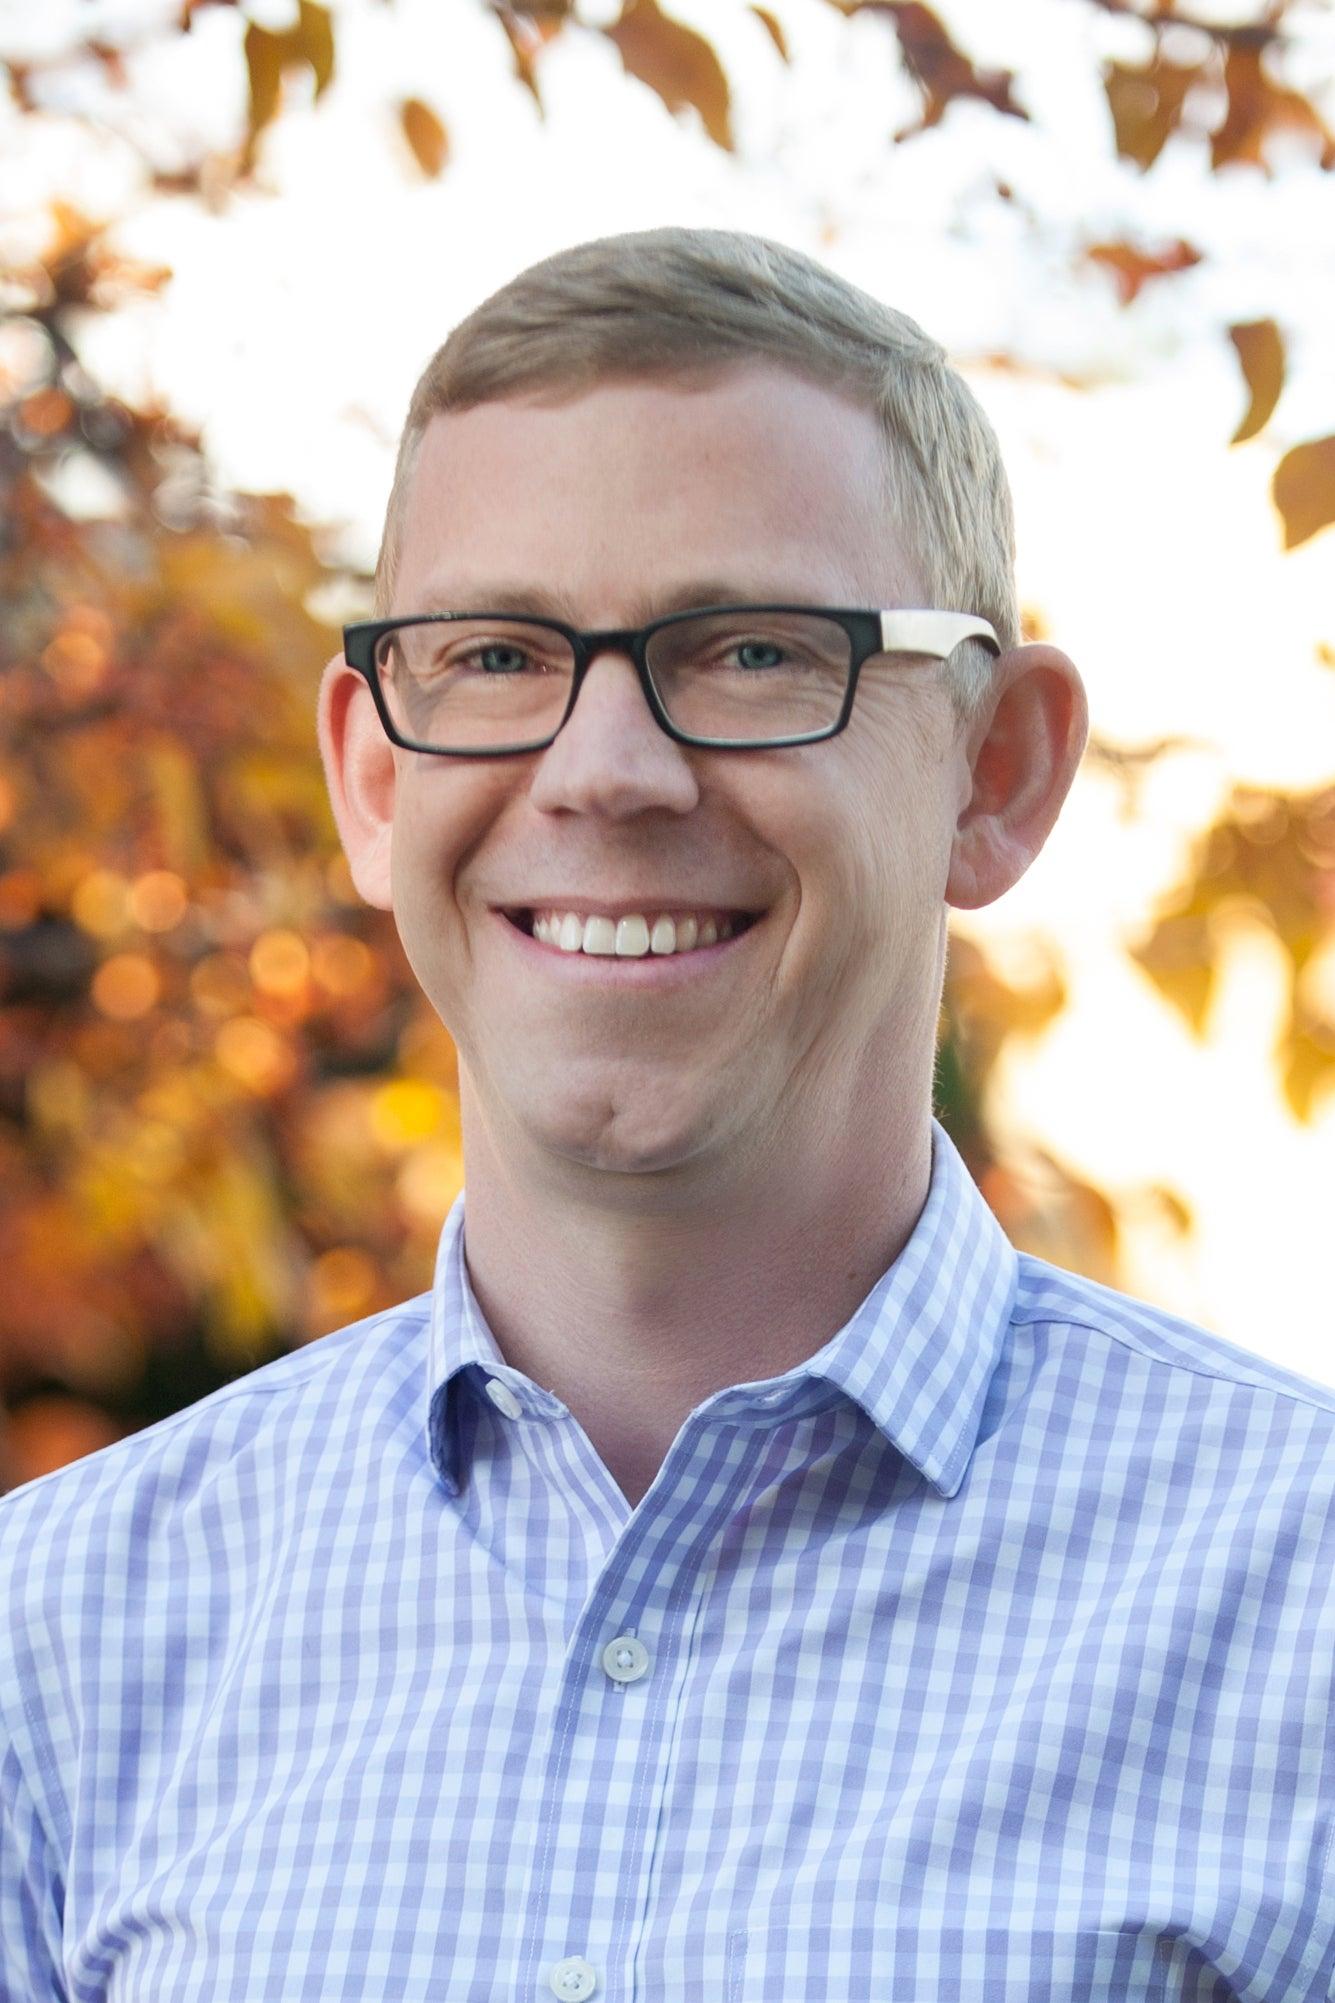 Ryan Linford